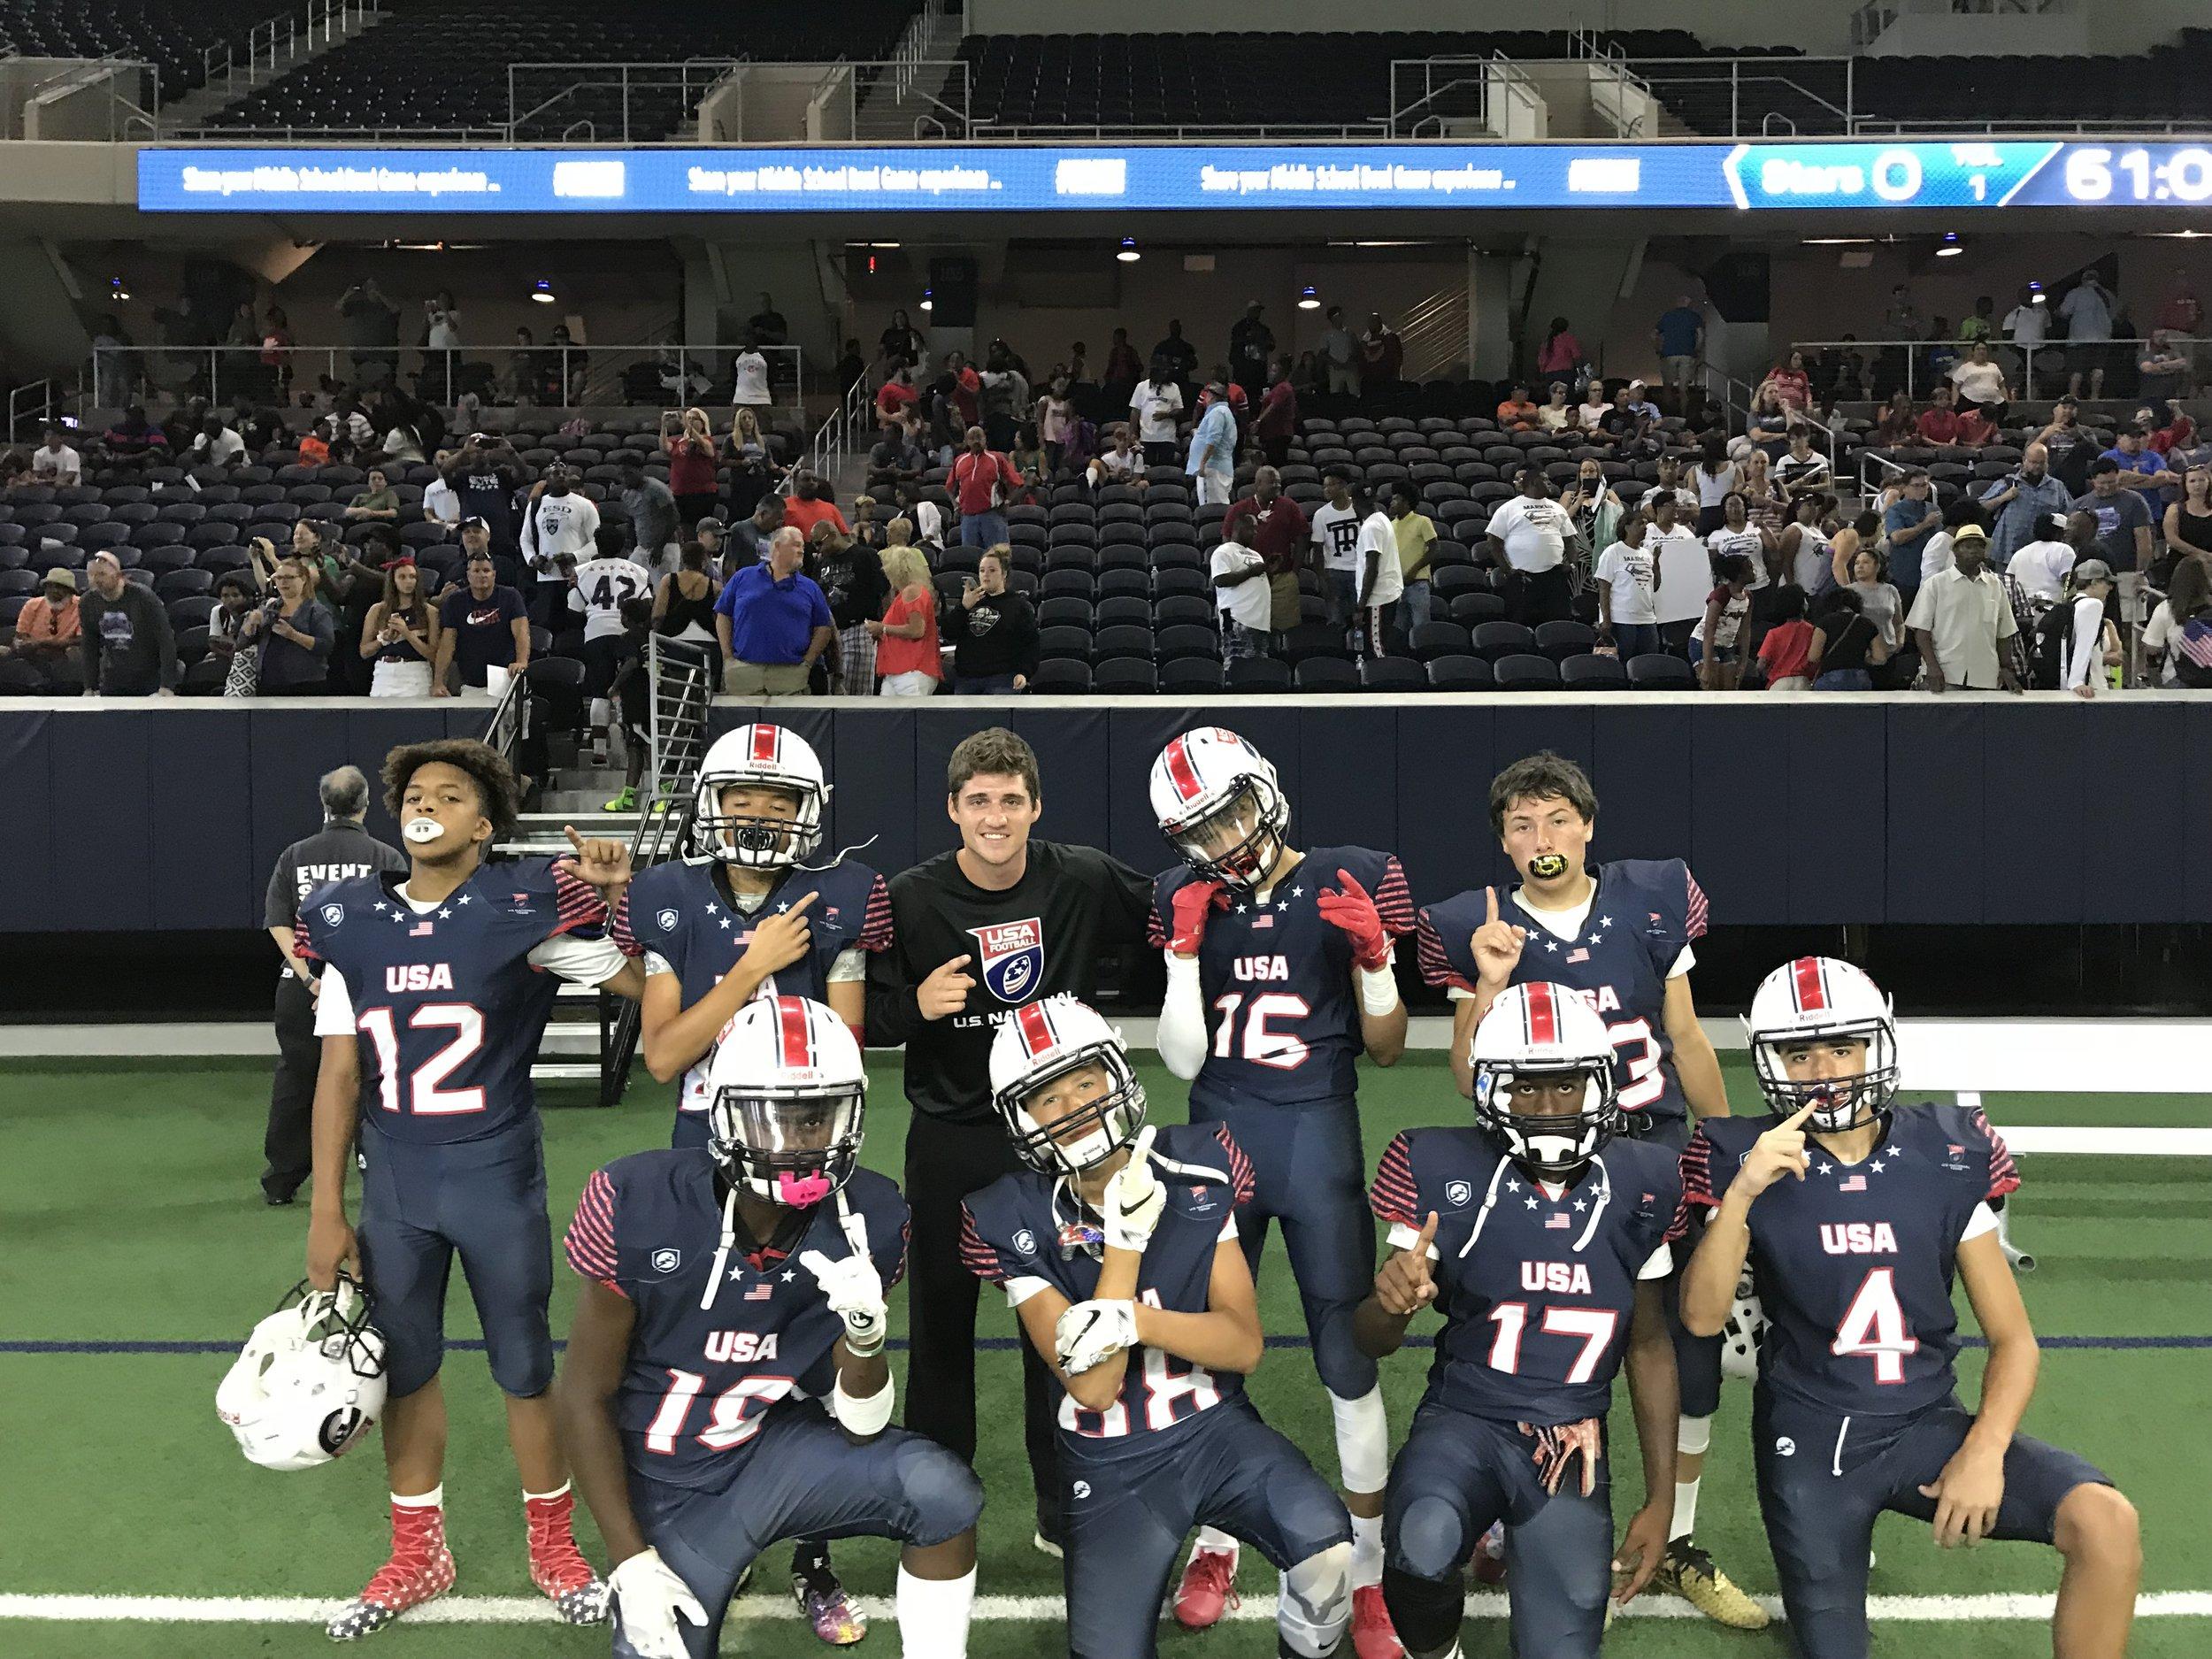 USA Football.JPEG